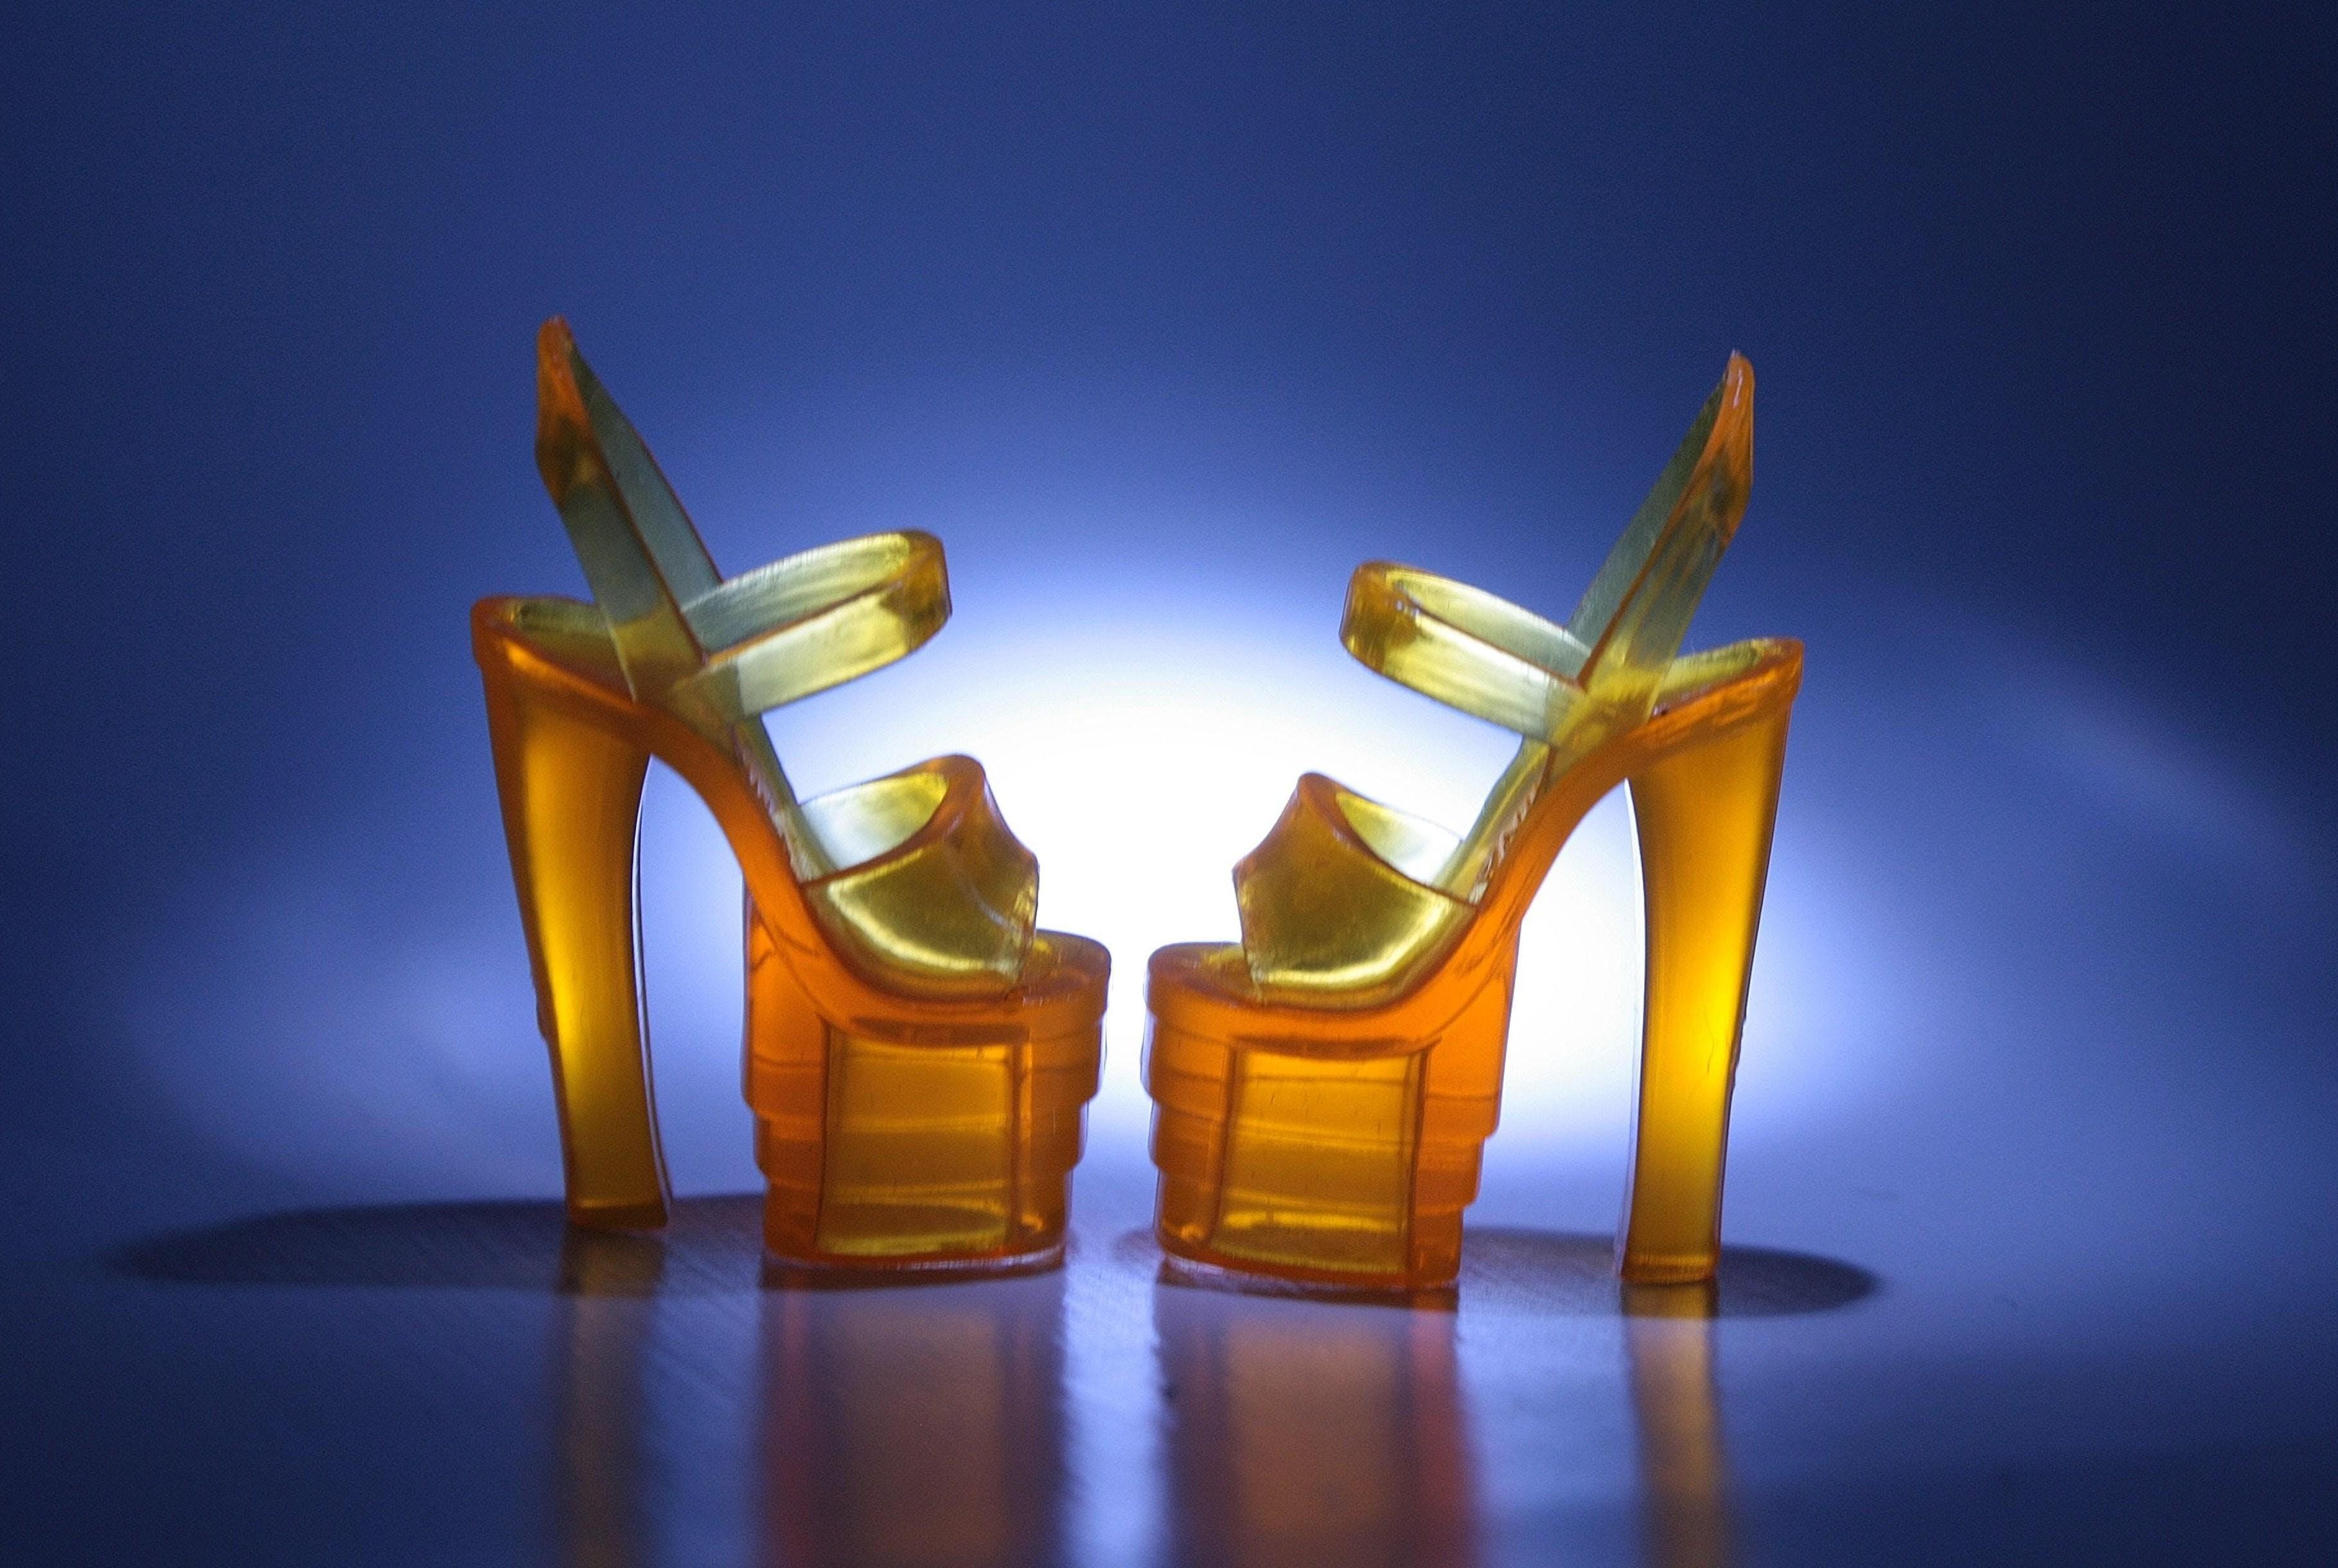 Free stock photo of orange shoes